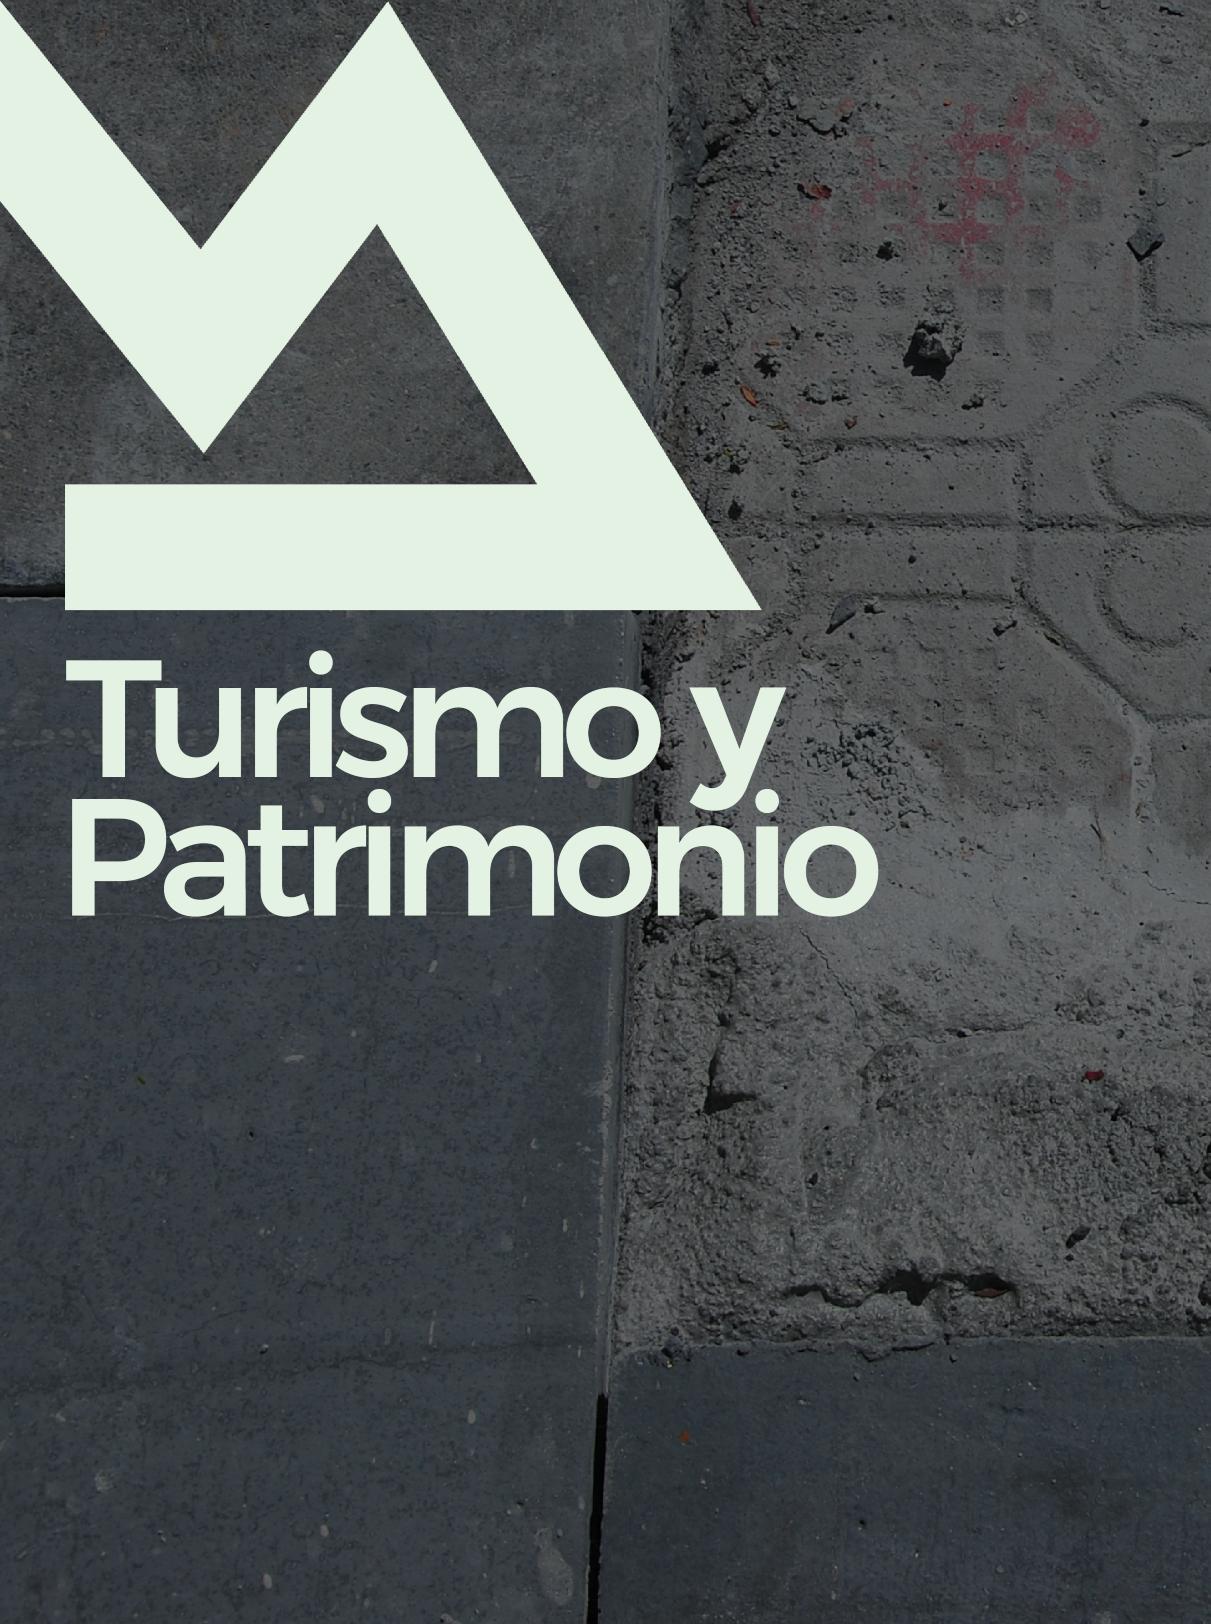 Portada Turismo y Patrimonio-01.png